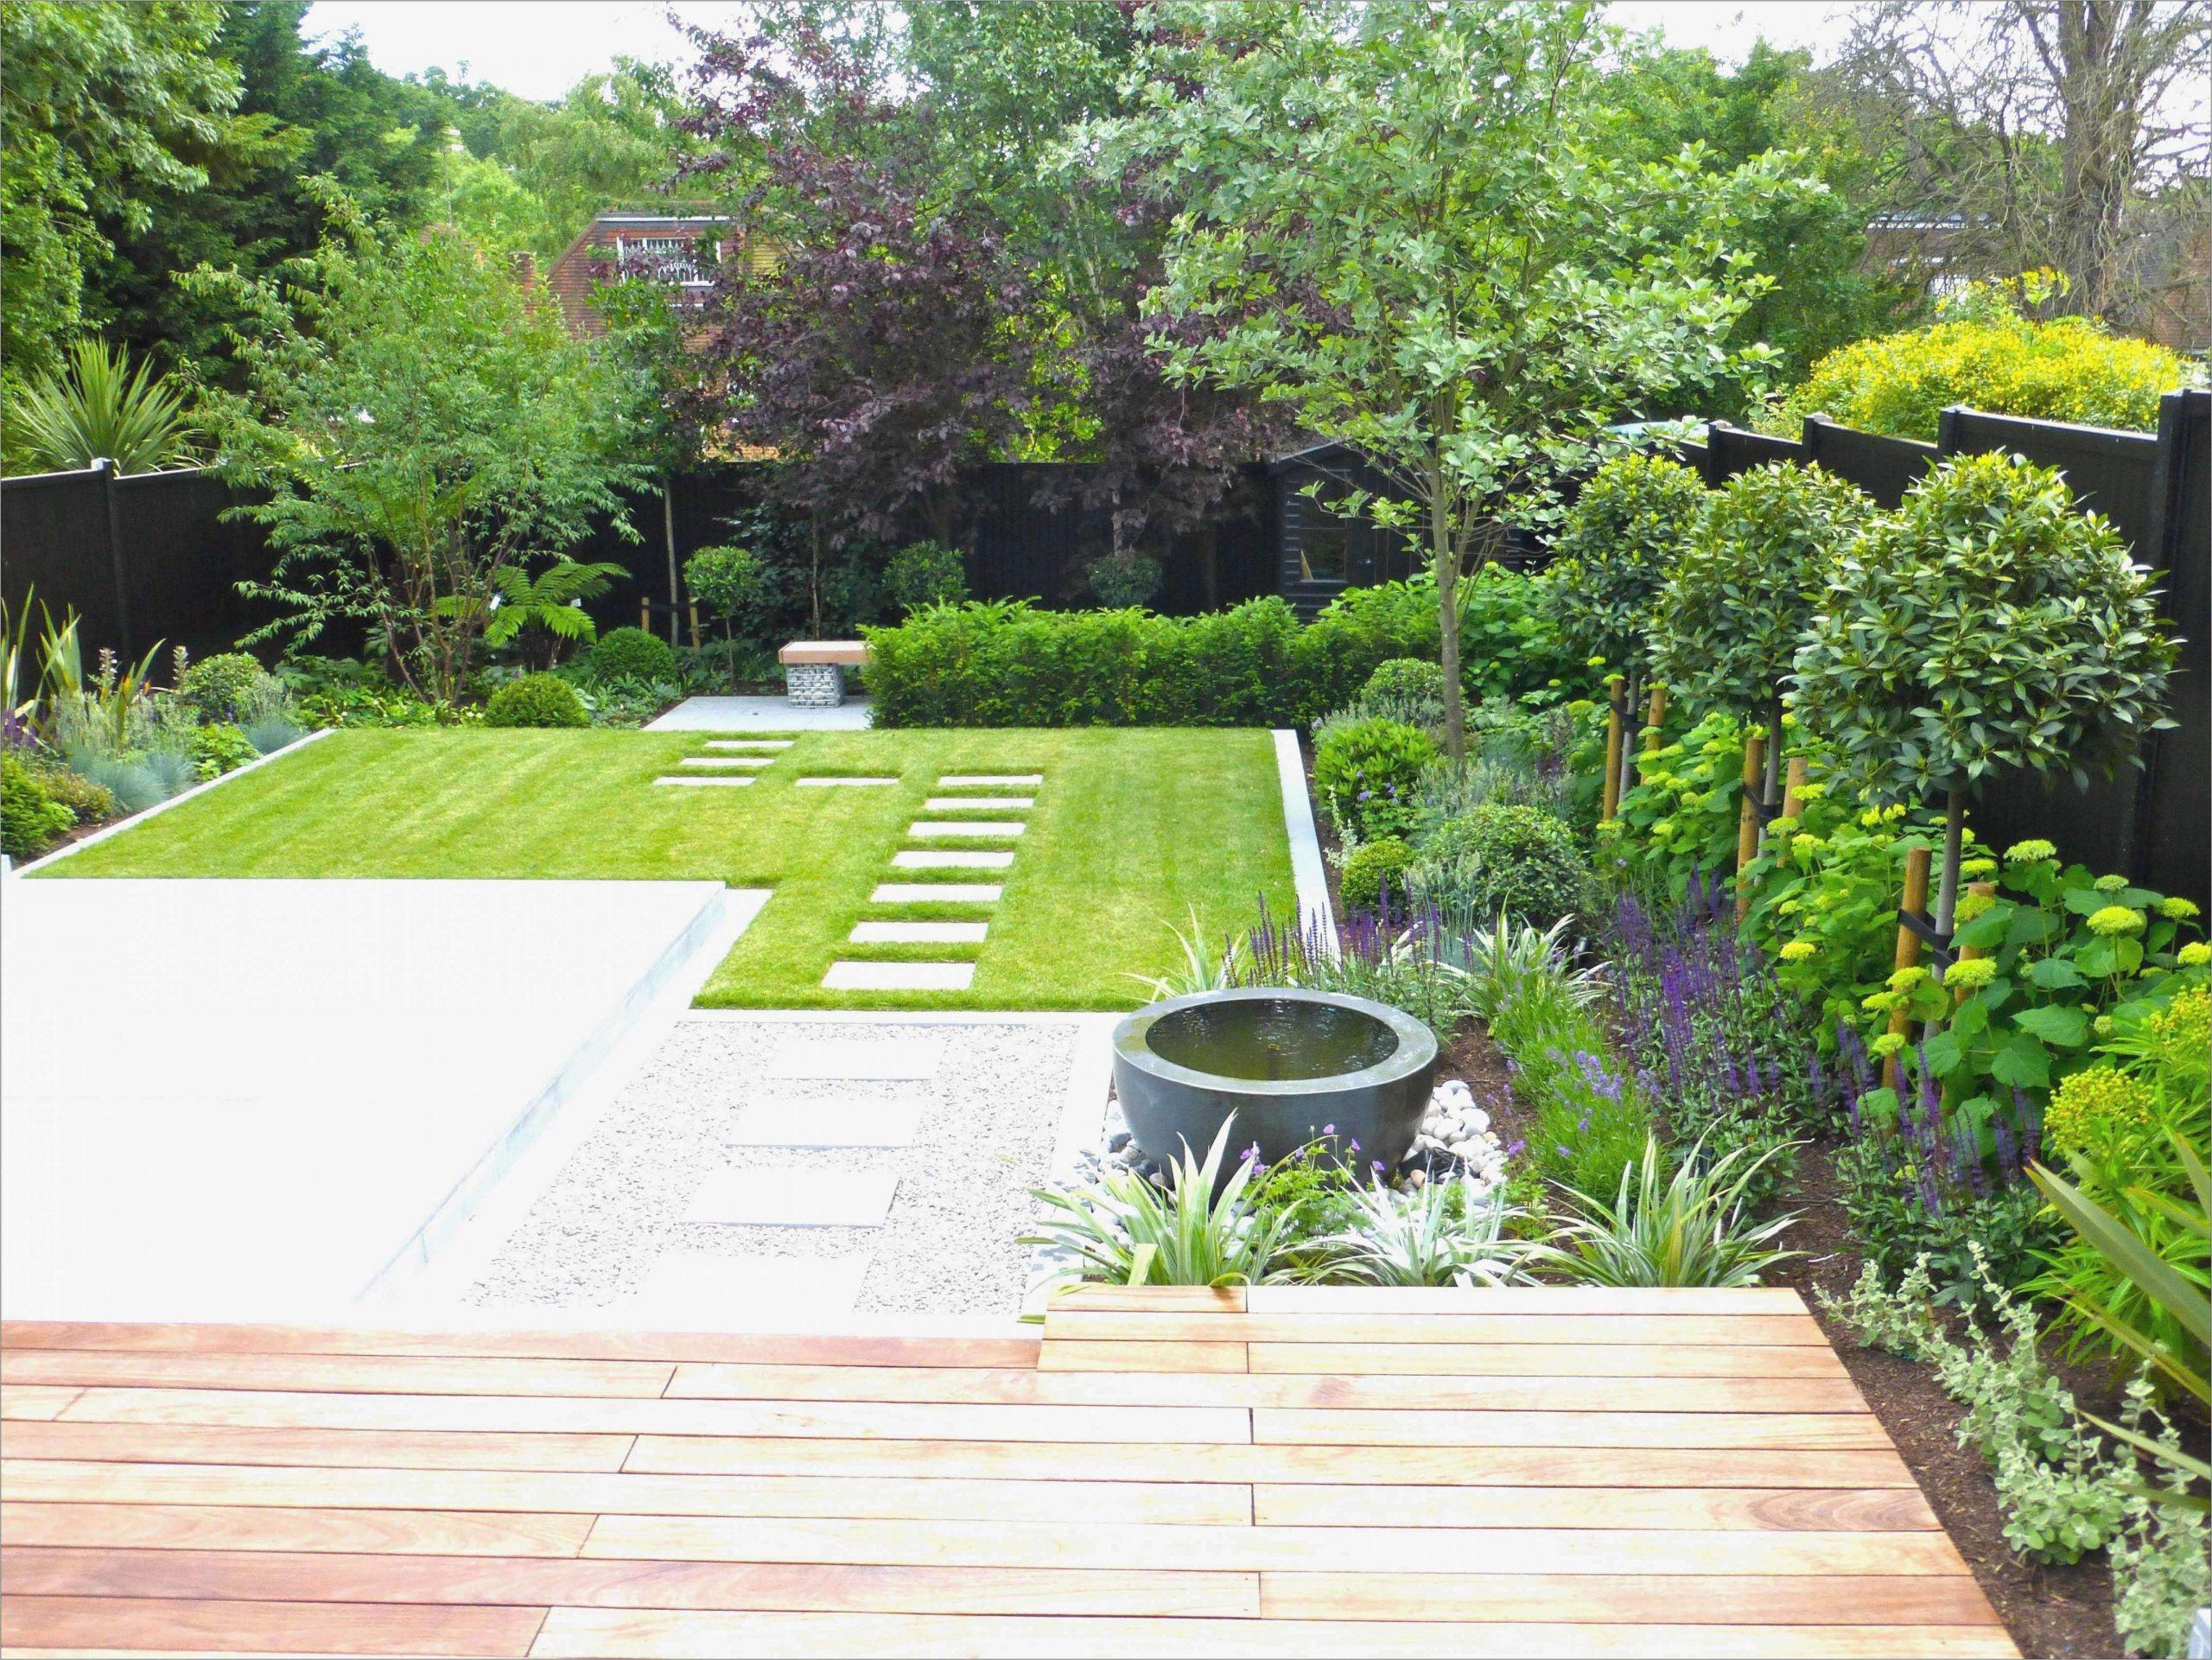 überdachung Garten Neu Ideen Für Grillplatz Im Garten — Temobardz Home Blog